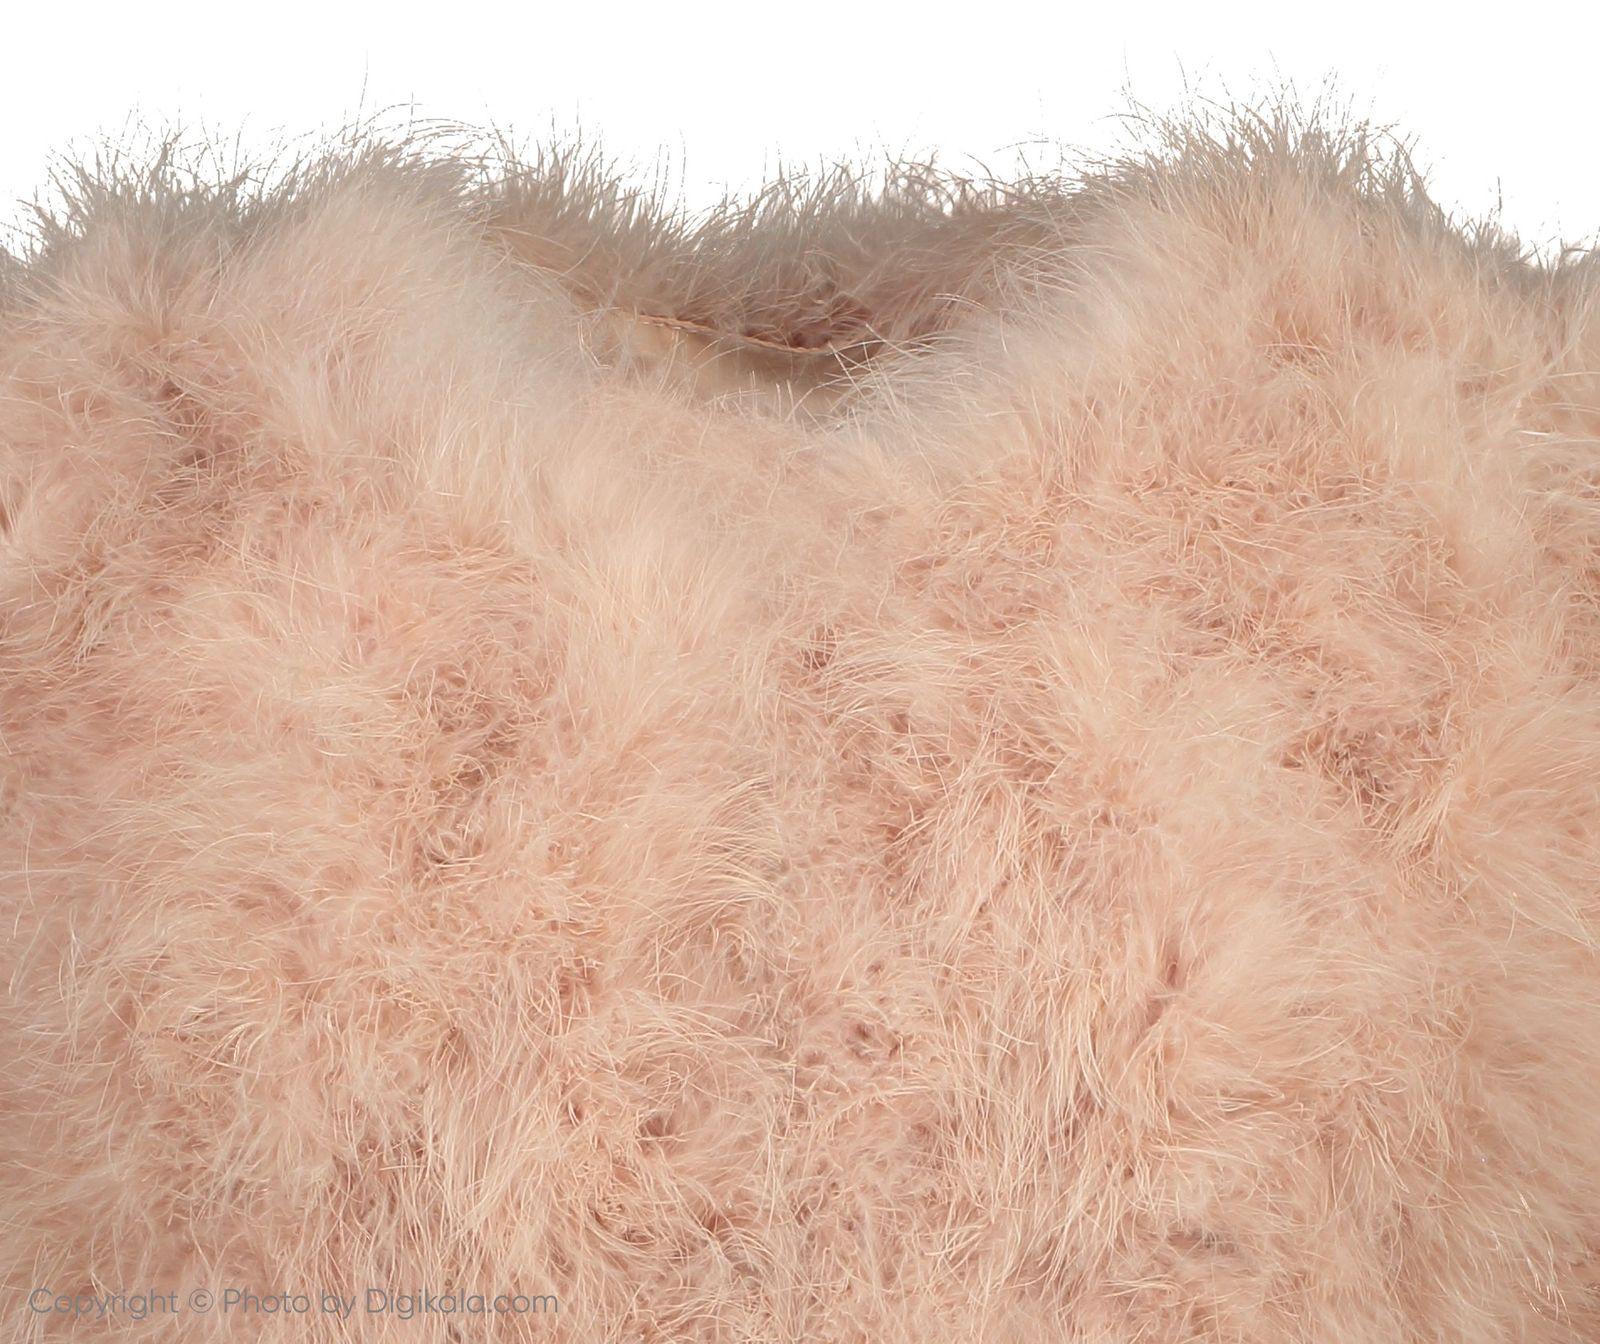 کت پر کوتاه زنانه - مانگو - صورتی - 4